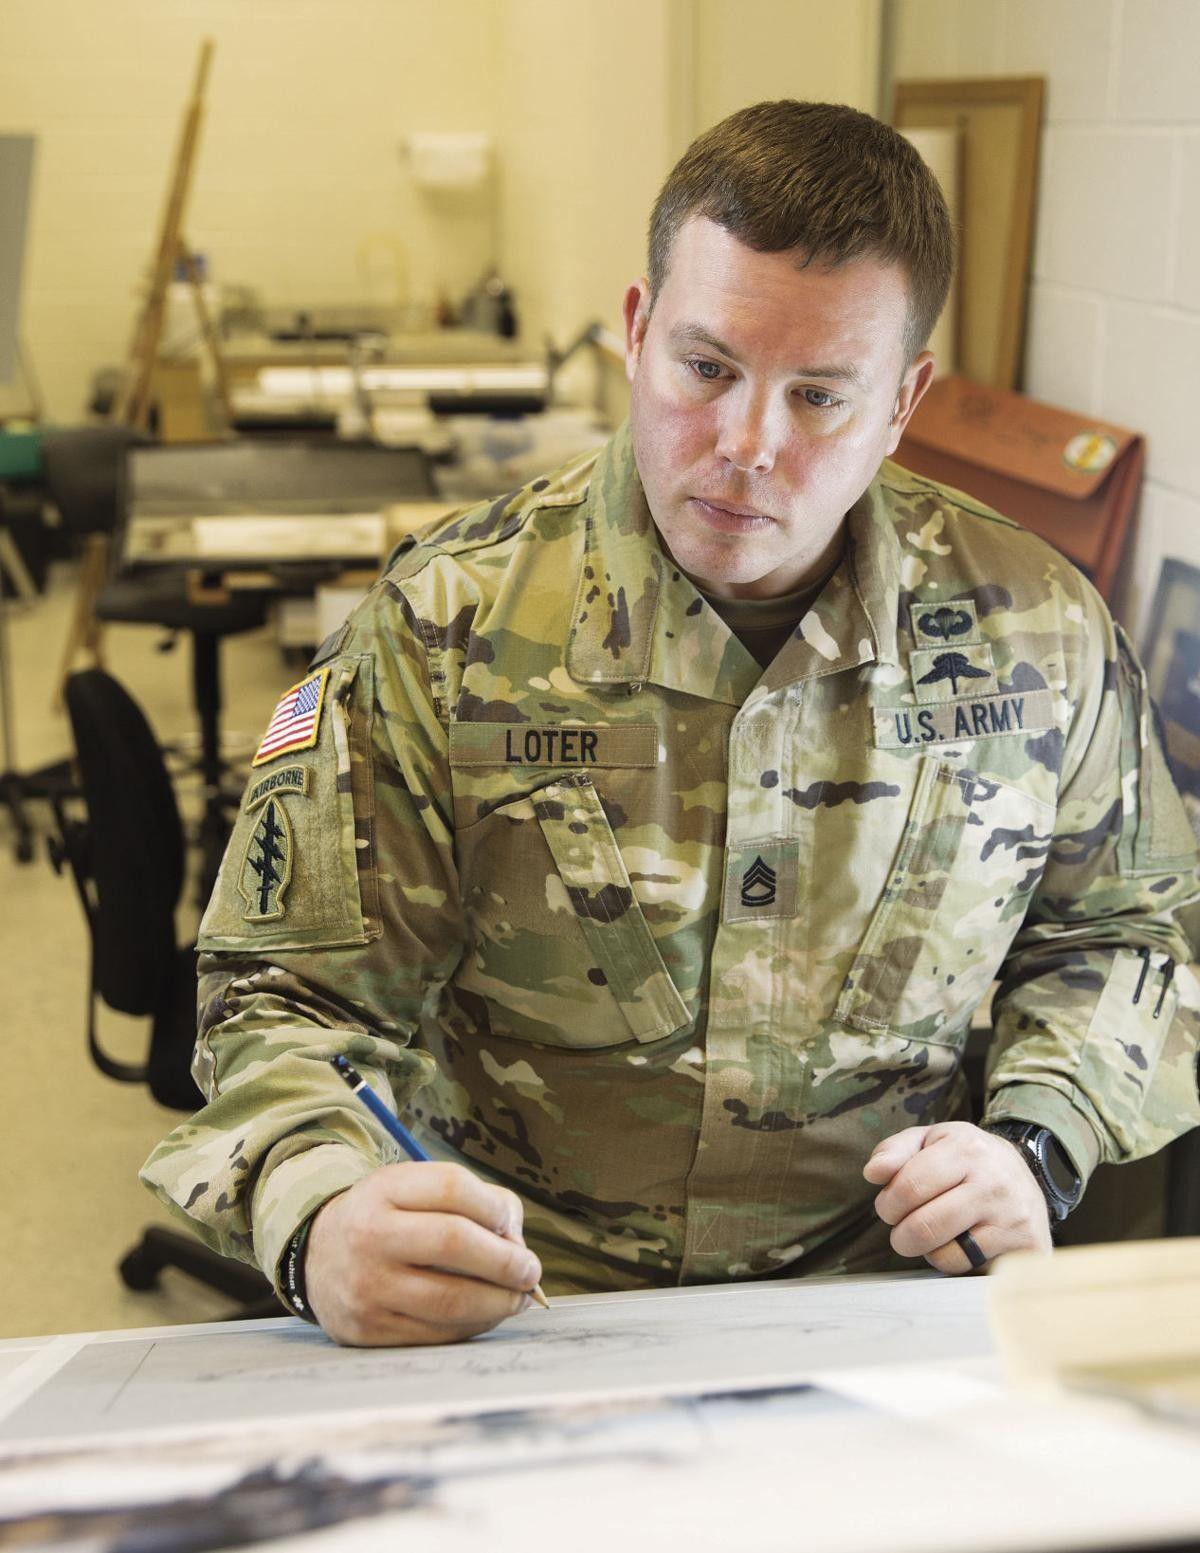 Sgt. 1st Class Curt Loter